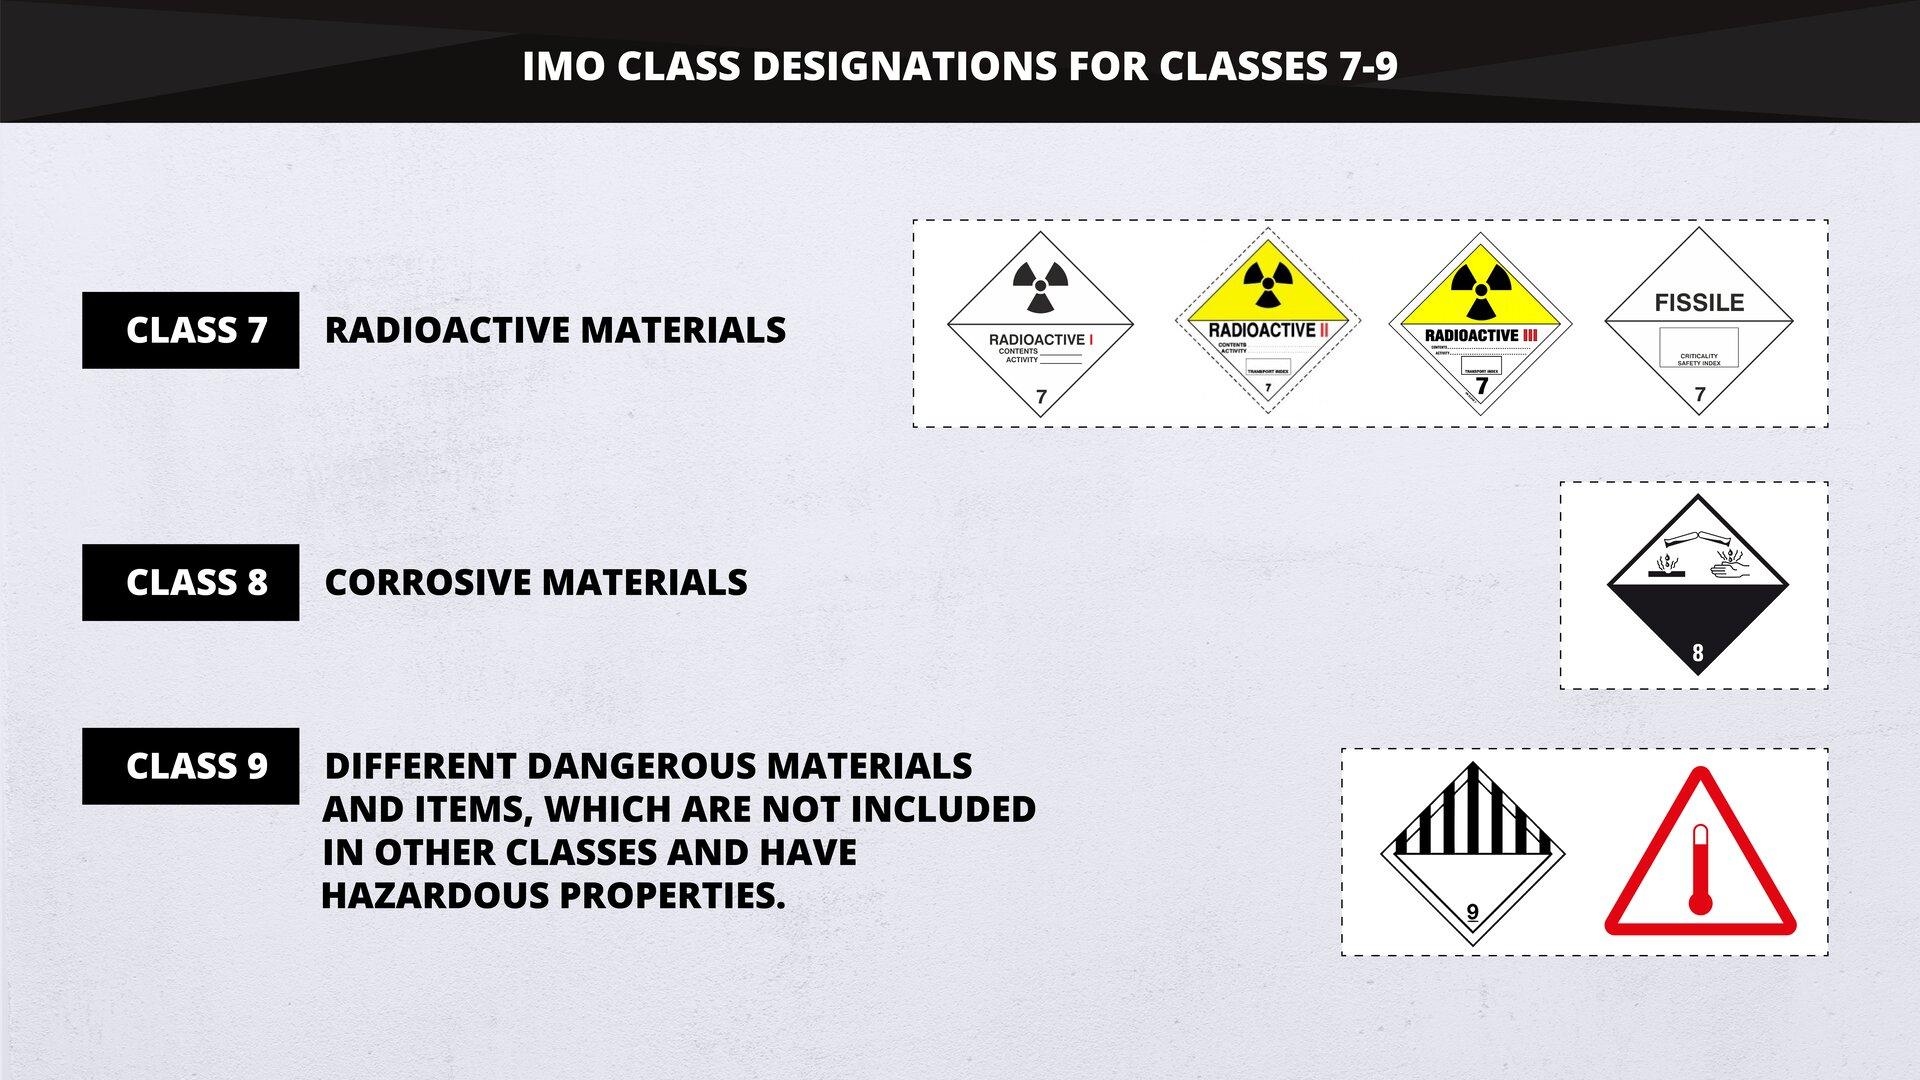 The graphics demonstrates IMO Class designations for classes 7, 8 and 9. Substances such as mixtures and solutions and articles subject to IMDG provisions are assigned to one of 9 classes depending on the hazard and the most common hazards associated with them. Grafika przedstawia oznaczenia IMO Class dla klas 7, 8 i9. Substancje, wtym mieszaniny iroztwory oraz artykuły zzastrzeżeniem postanowień IMDG są przypisane do jednej z9 klas wzależności od zagrożenia lub najczęstszych zagrożeń znimi związanych.